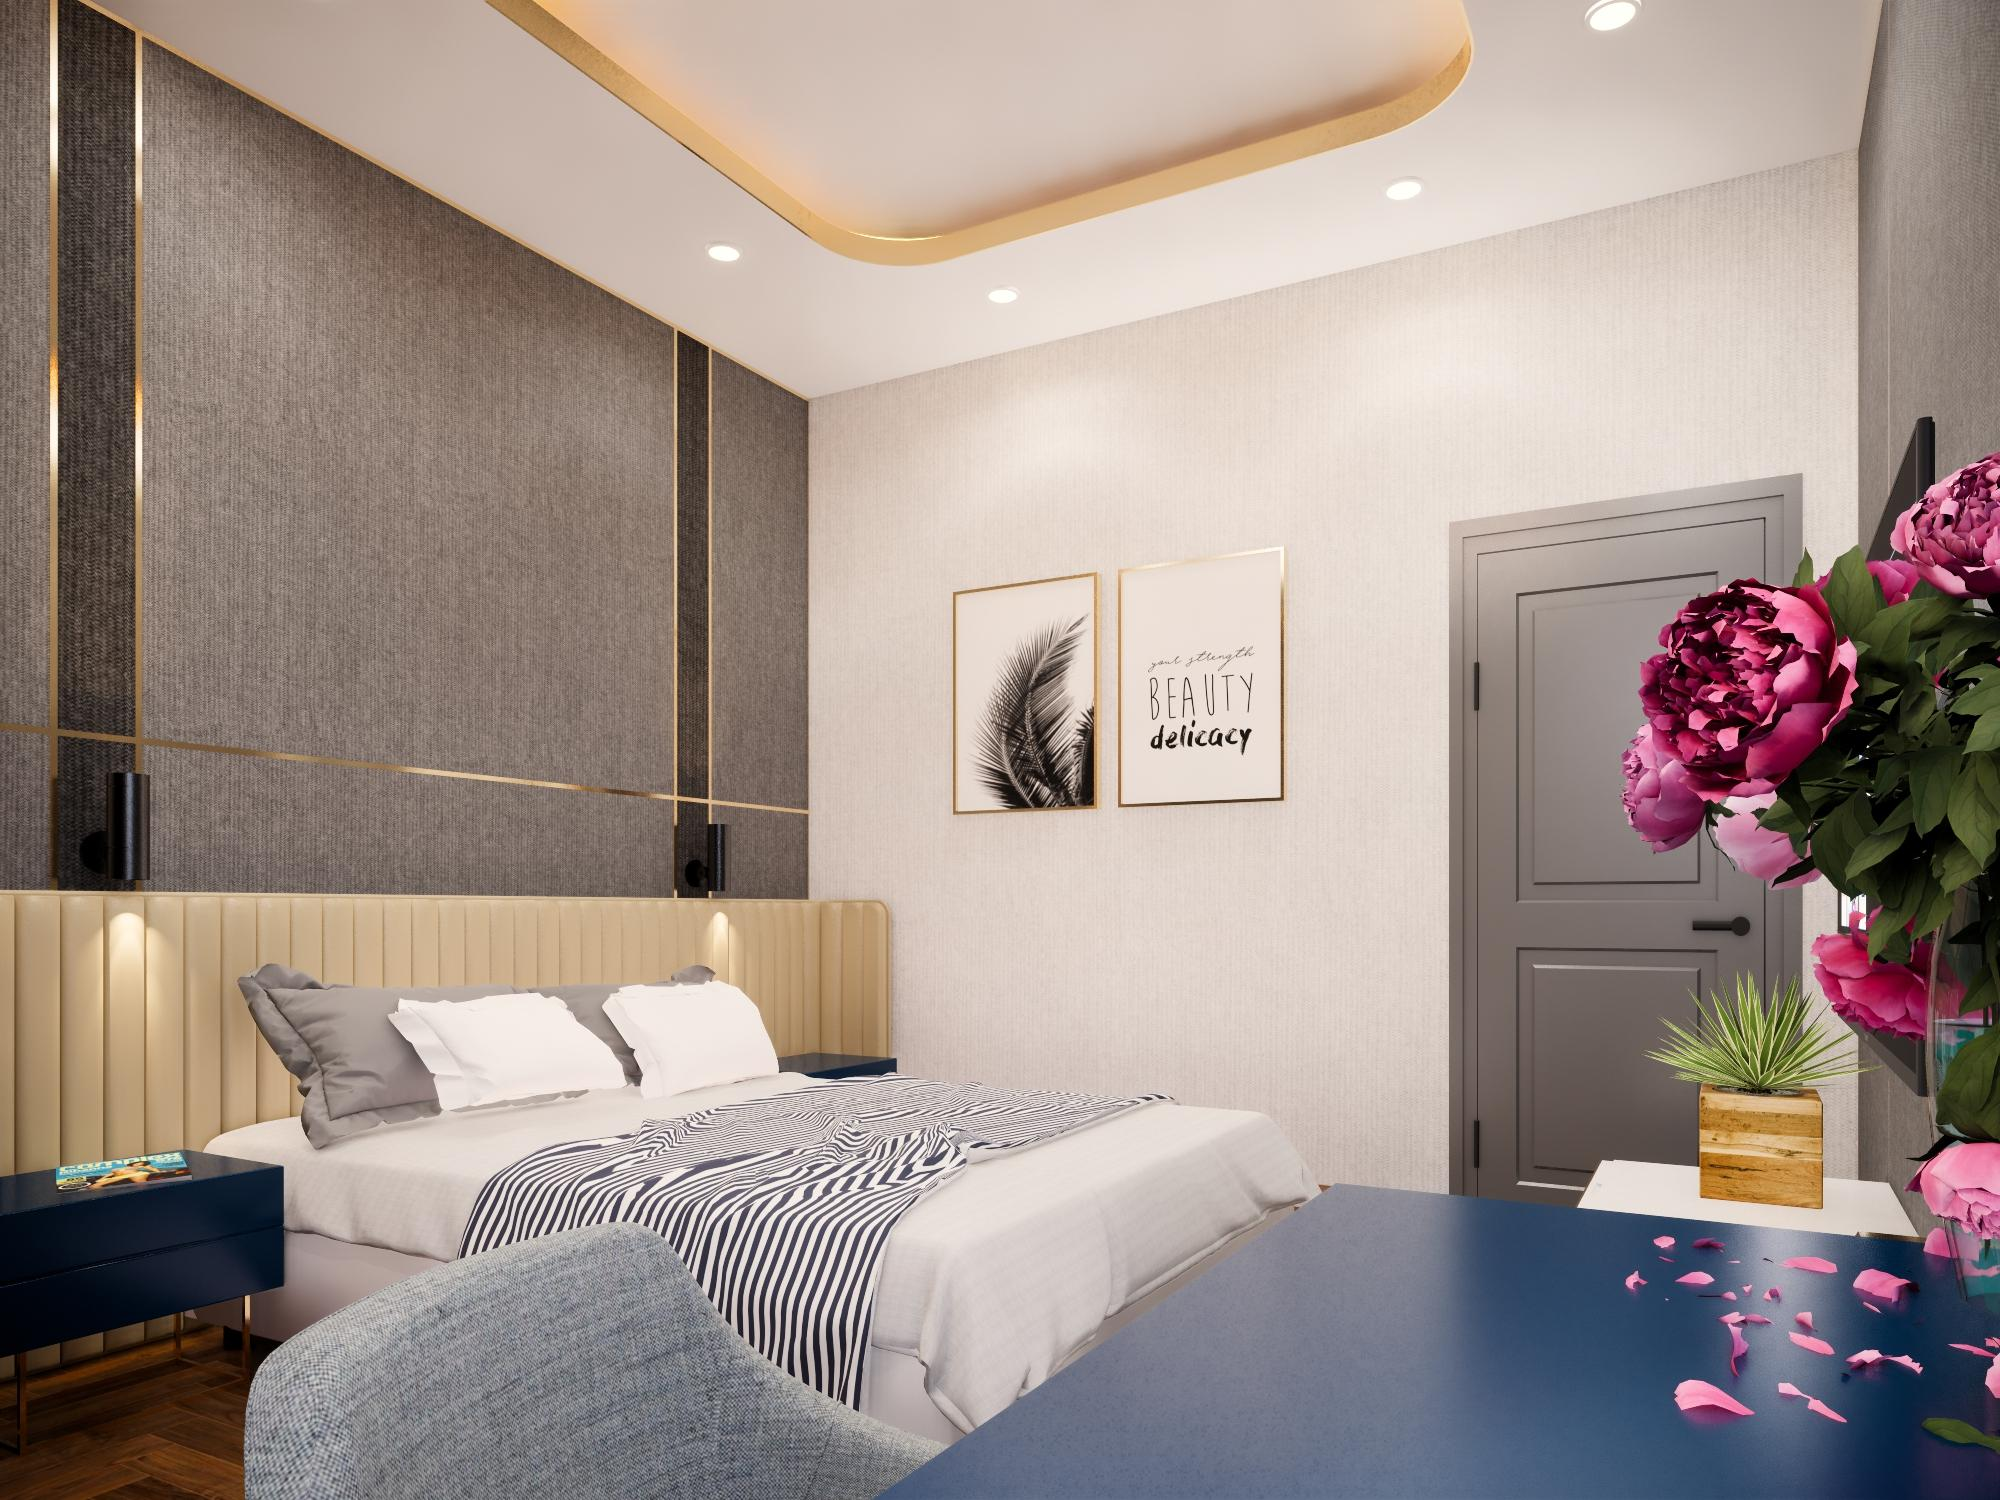 Thiết kế nội thất Nhà tại Bình Thuận NHÀ PHỐ I TRẦN THỊ PHƯƠNG LAN 1574139985 11